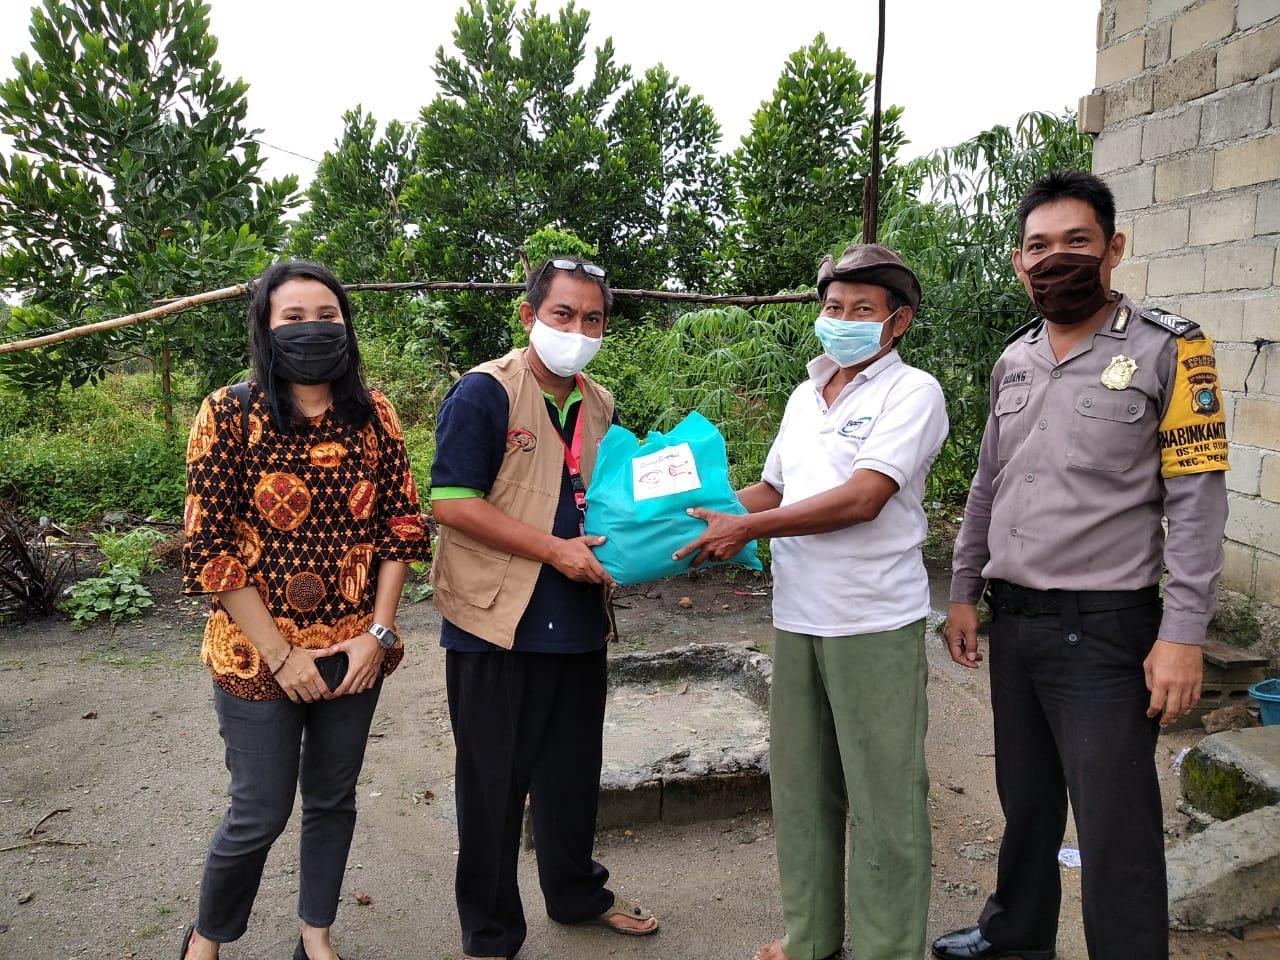 Kembali Bagikan Paket Sembako, Koordinator Tim B'depenk Harap Masyarakat Siap Hadapi New Normal